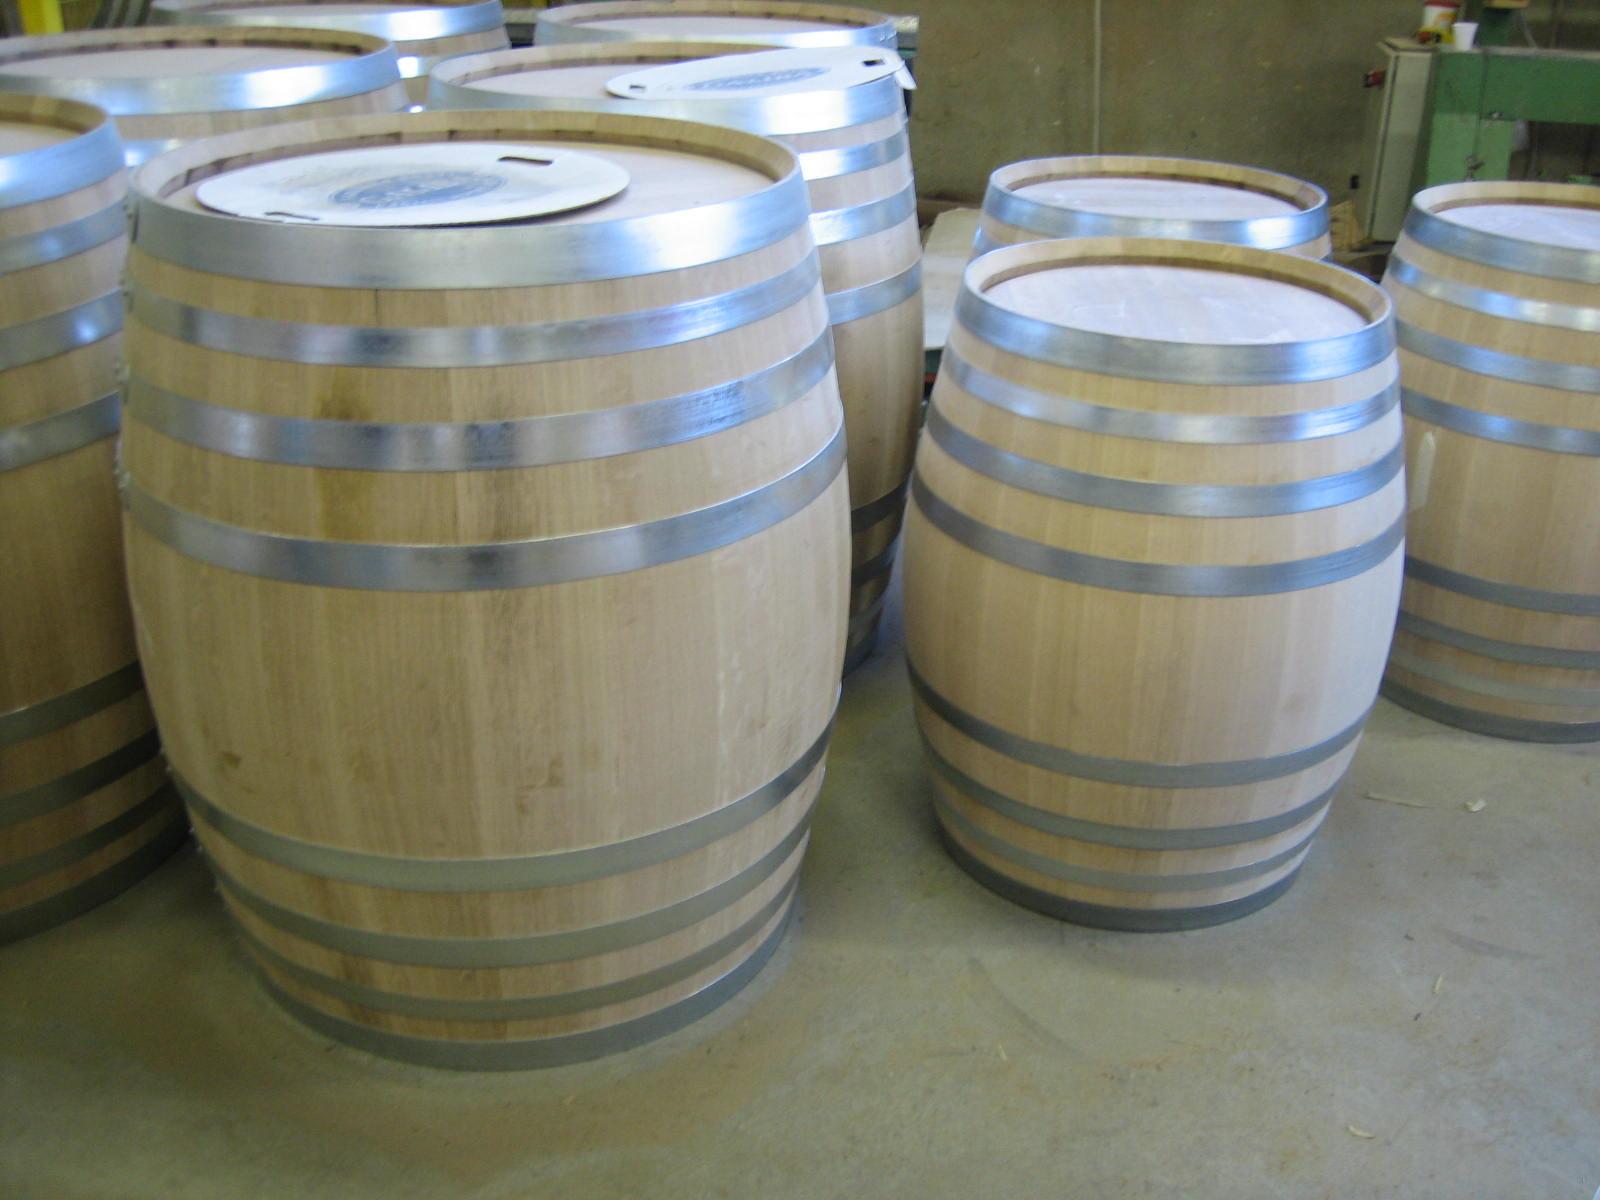 storage oak wine barrels. Plain Oak Httptomsworkbenchcomwpcontentuploads201008Barreljpg Intended Storage Oak Wine Barrels